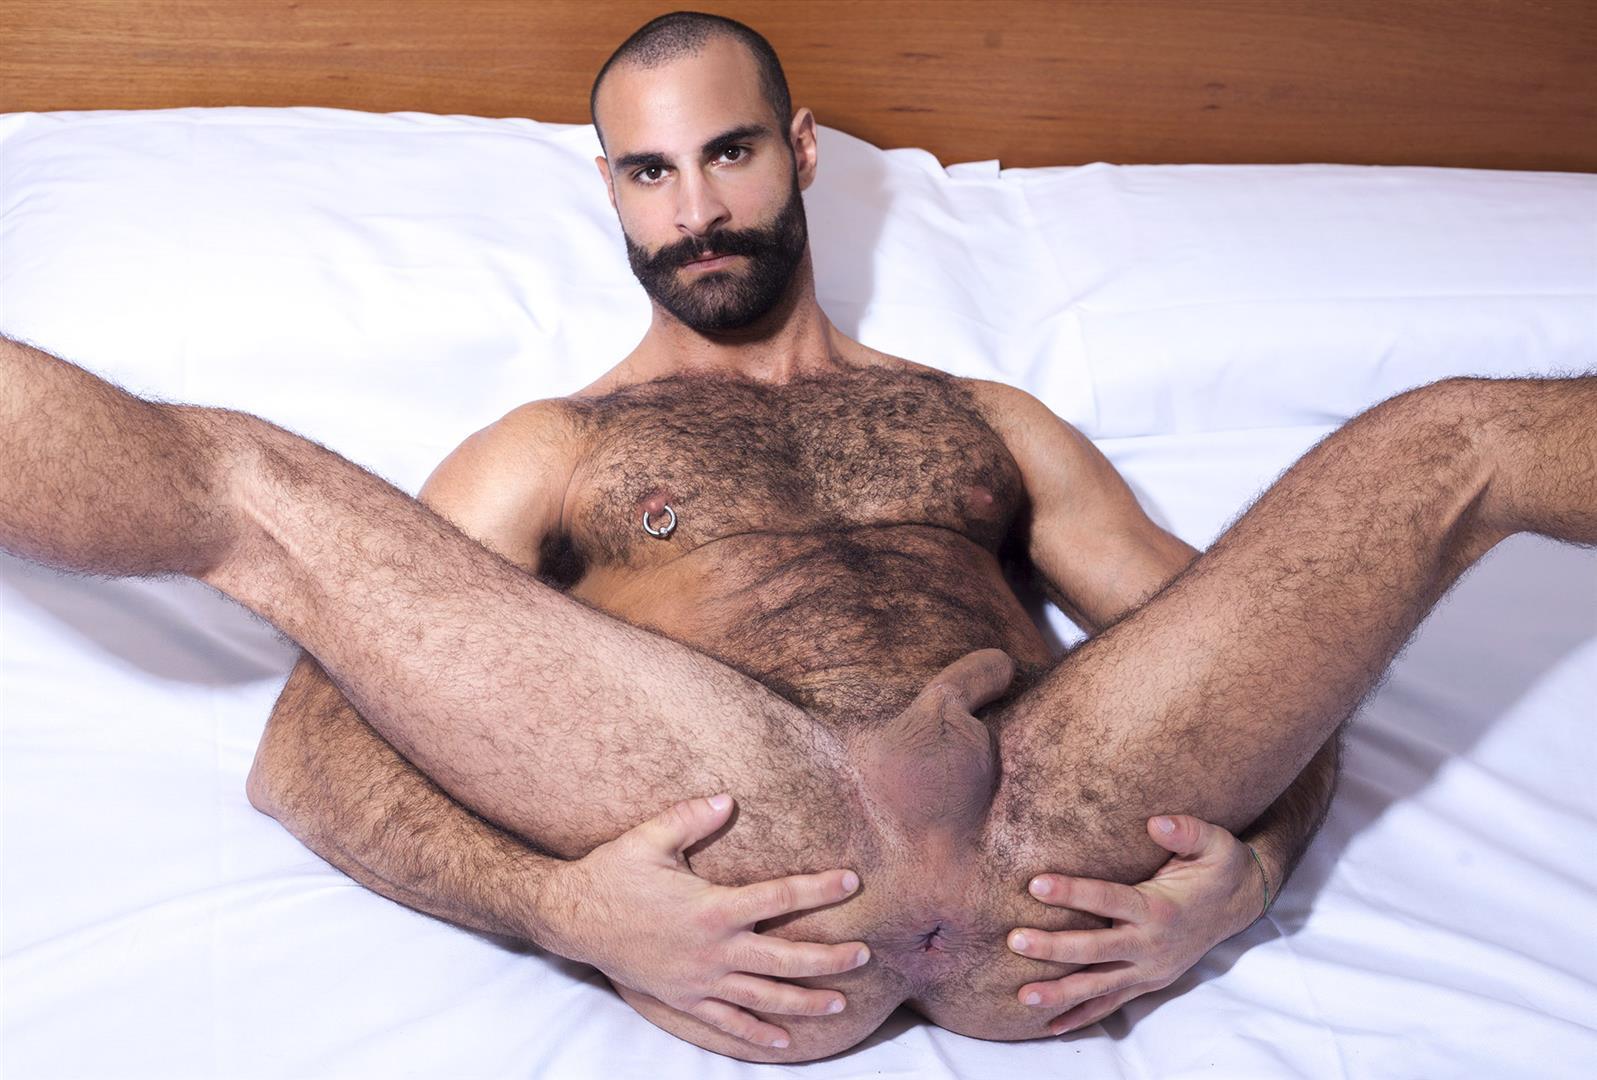 Amature italian hairy men nude